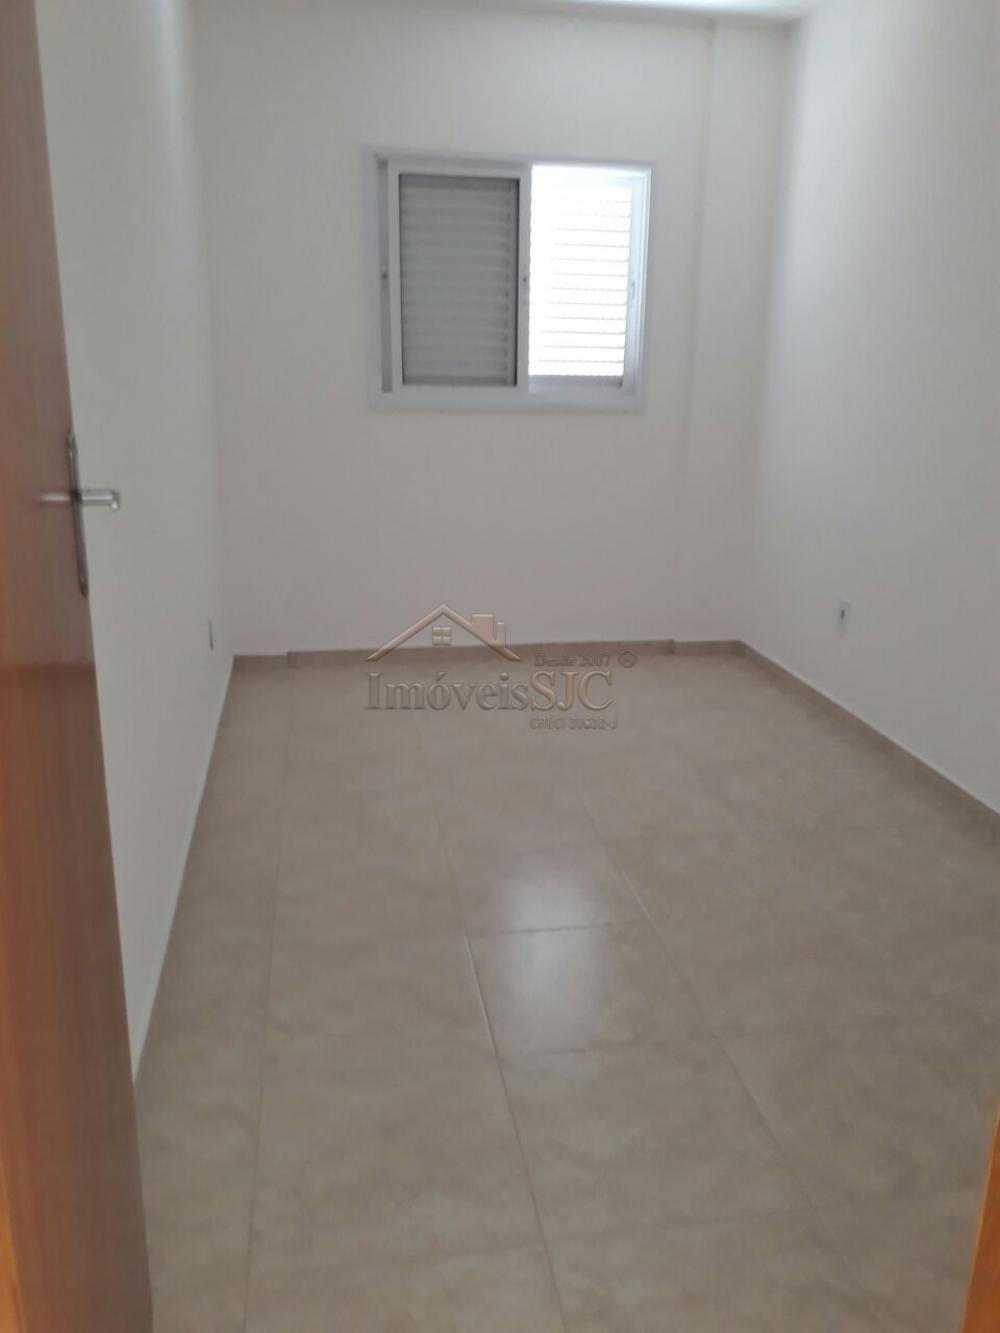 Alugar Apartamentos / Padrão em São José dos Campos apenas R$ 800,00 - Foto 9